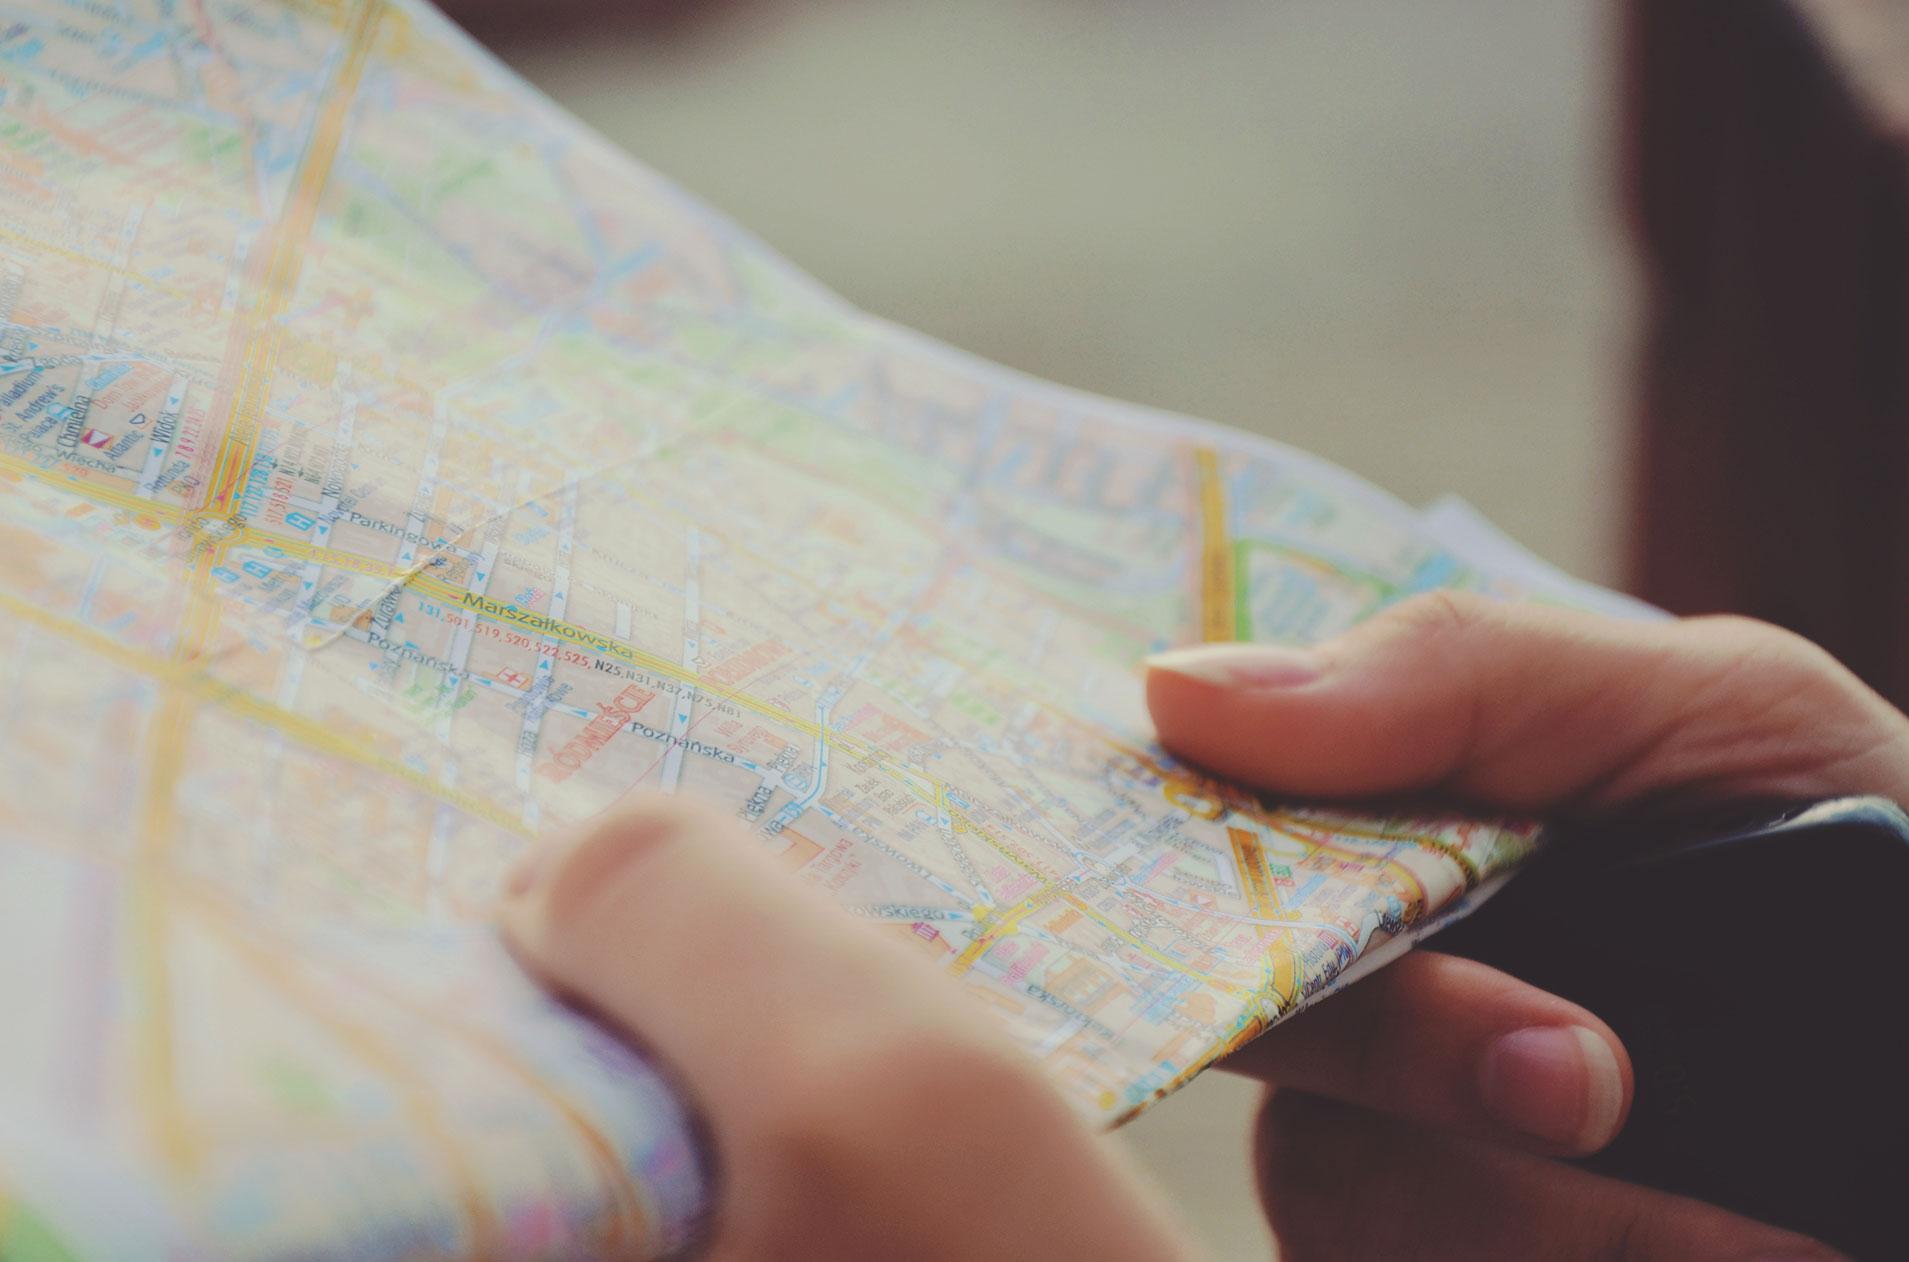 JavaScript: creare link a Google Maps usando la geolocalizzazione